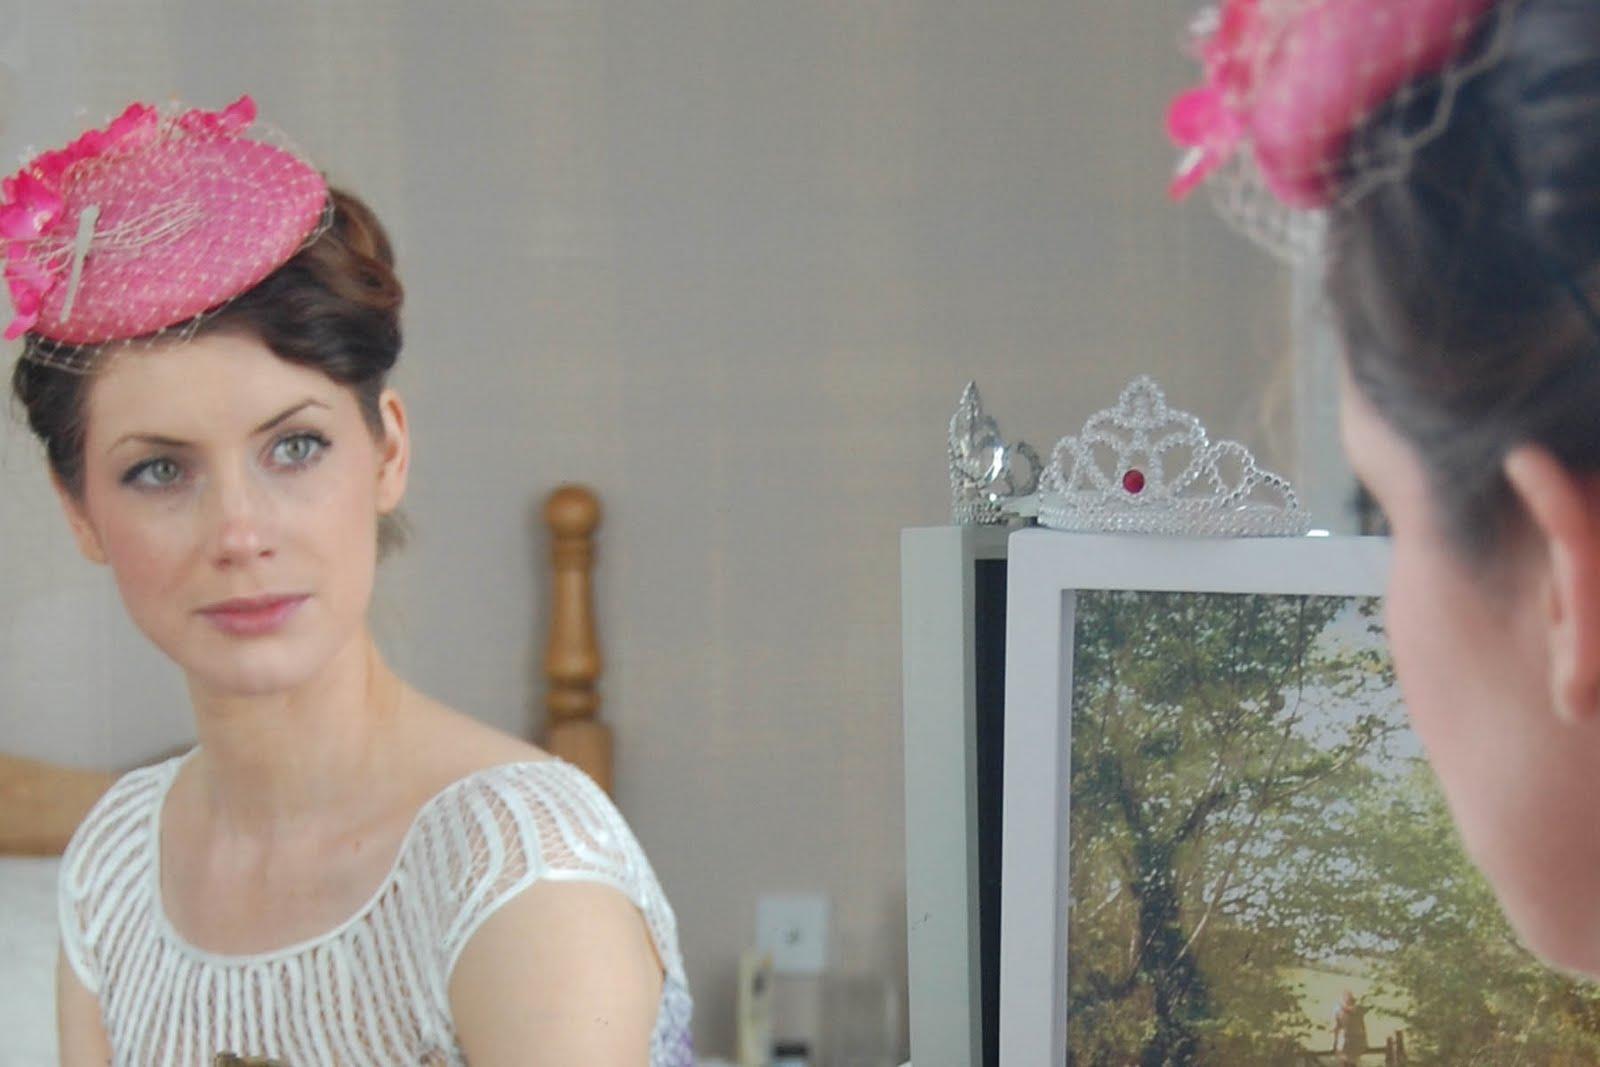 http://3.bp.blogspot.com/_bxyi87QtJ-U/S-sWnbA0w3I/AAAAAAAAAJE/lkK59bqqxRQ/s1600/pink+hat+reflection.jpg